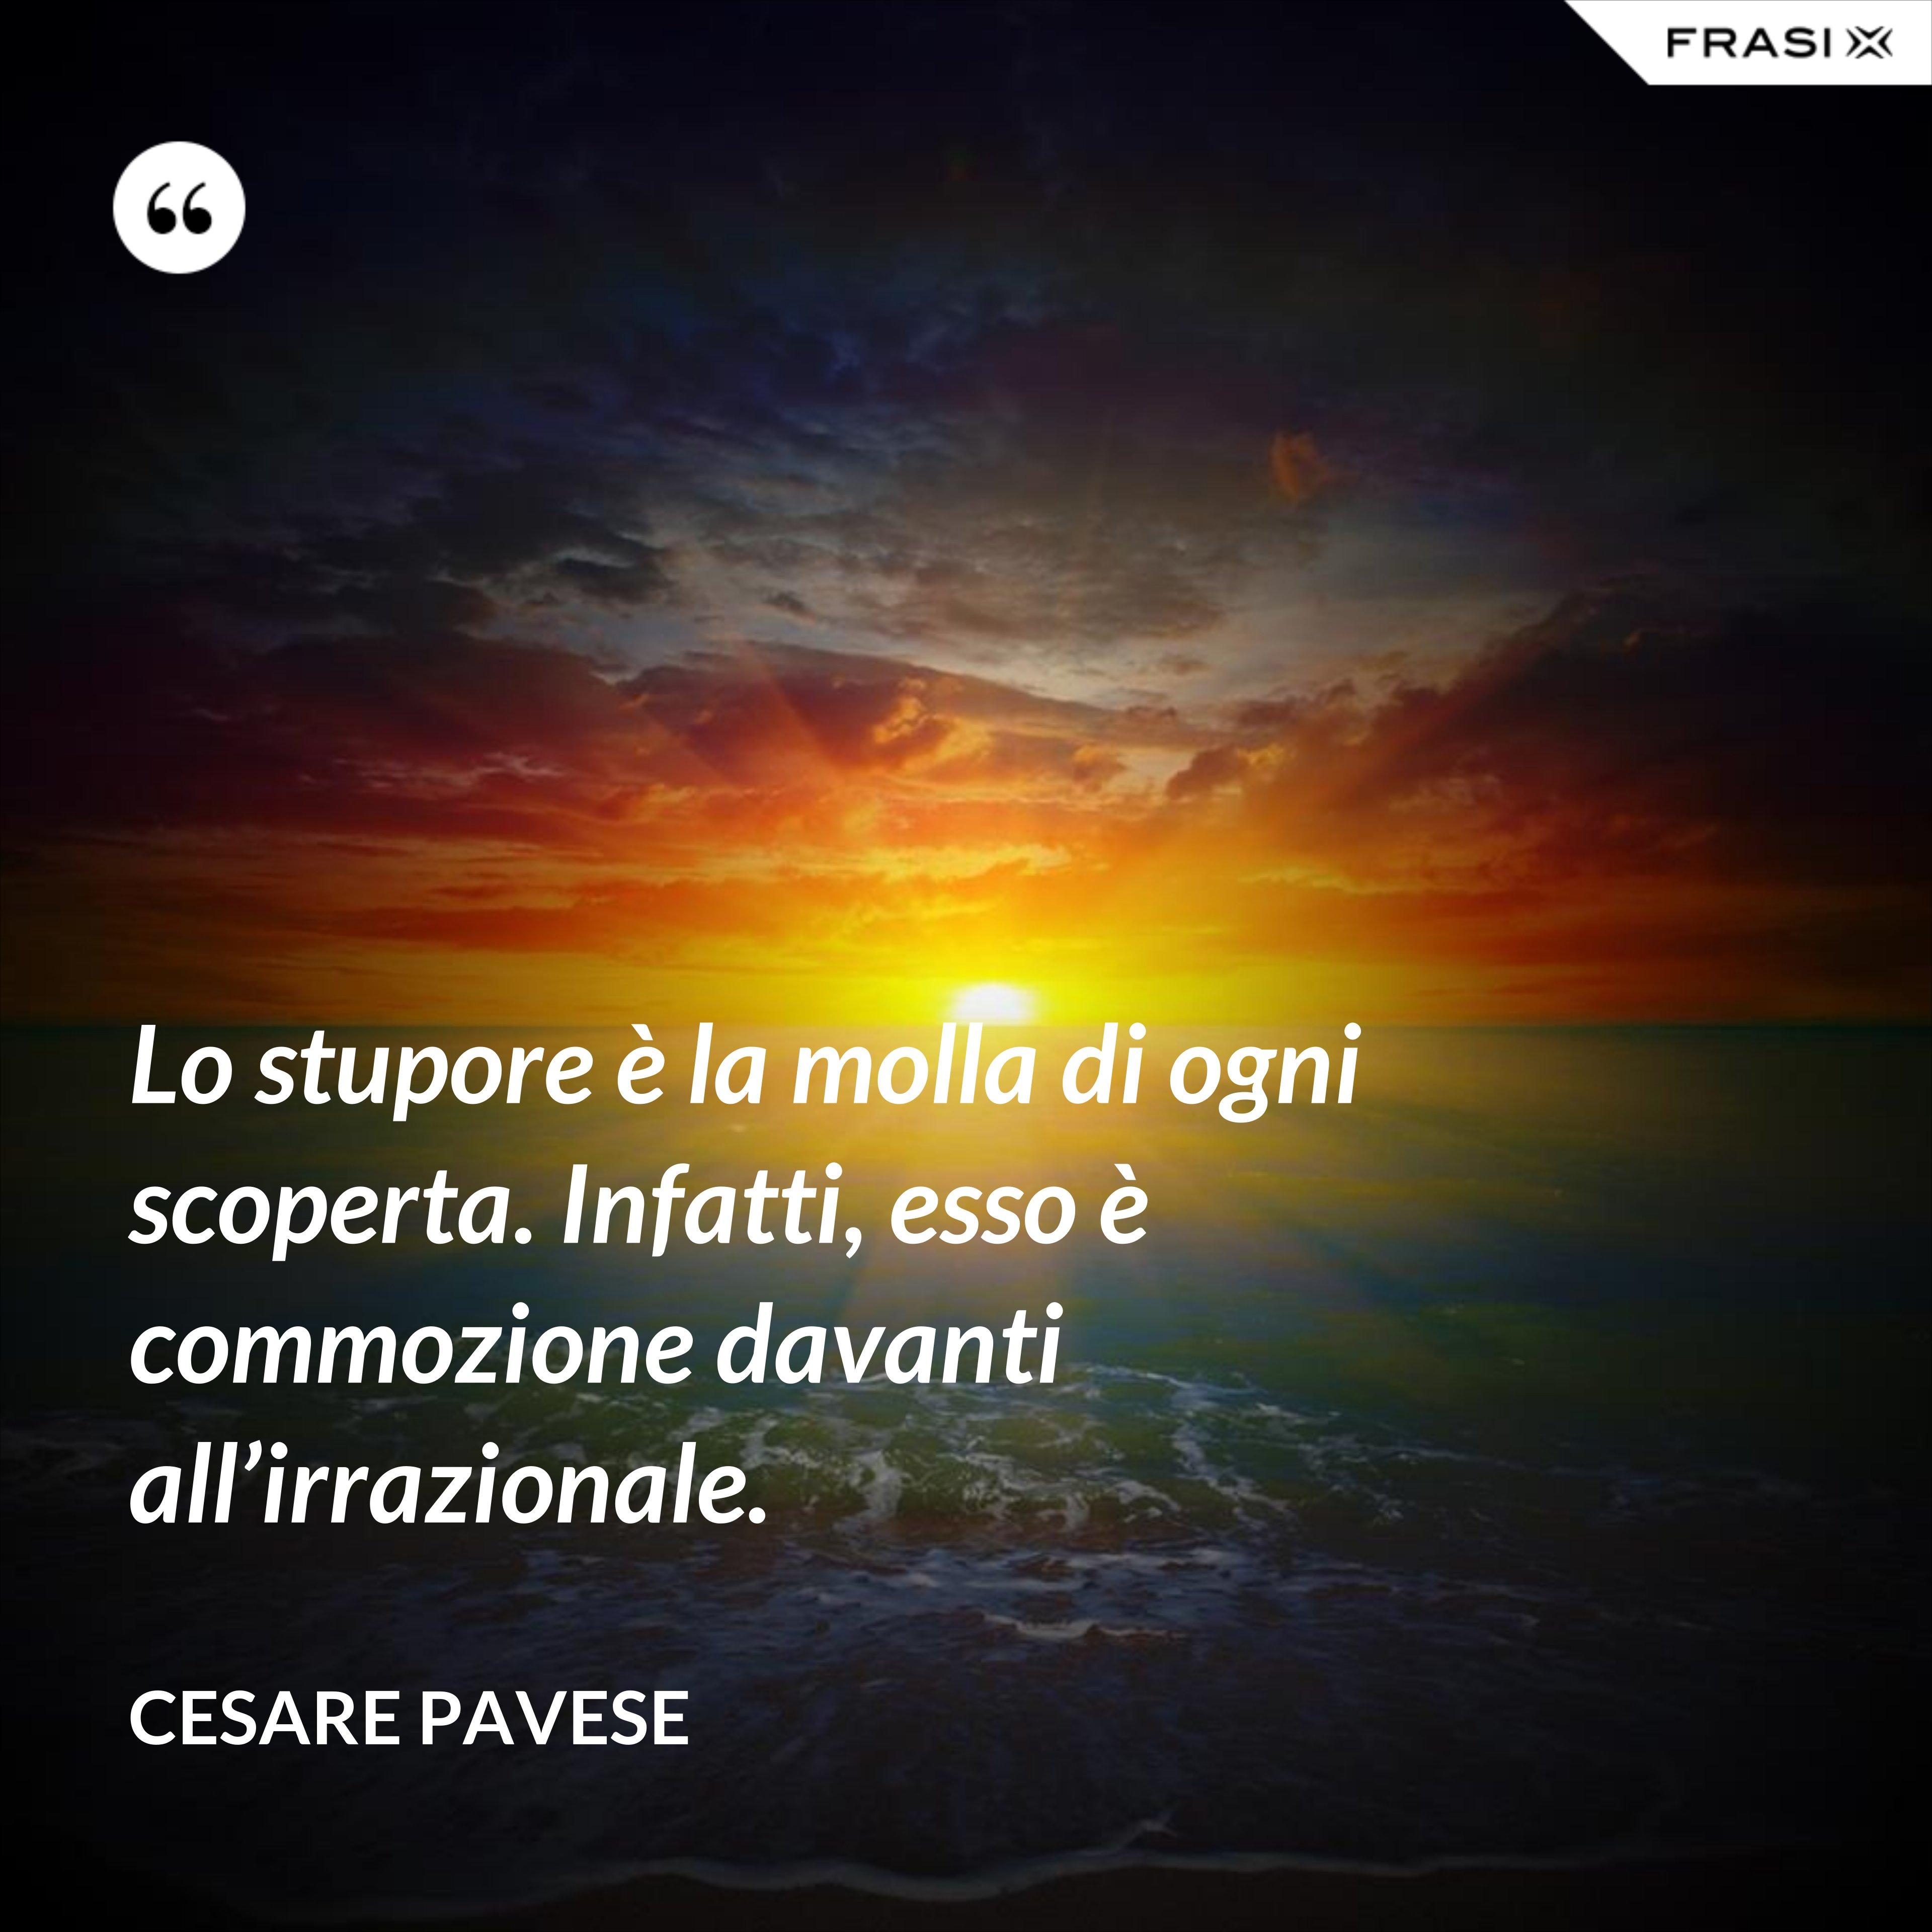 Lo stupore è la molla di ogni scoperta. Infatti, esso è commozione davanti all'irrazionale. - Cesare Pavese